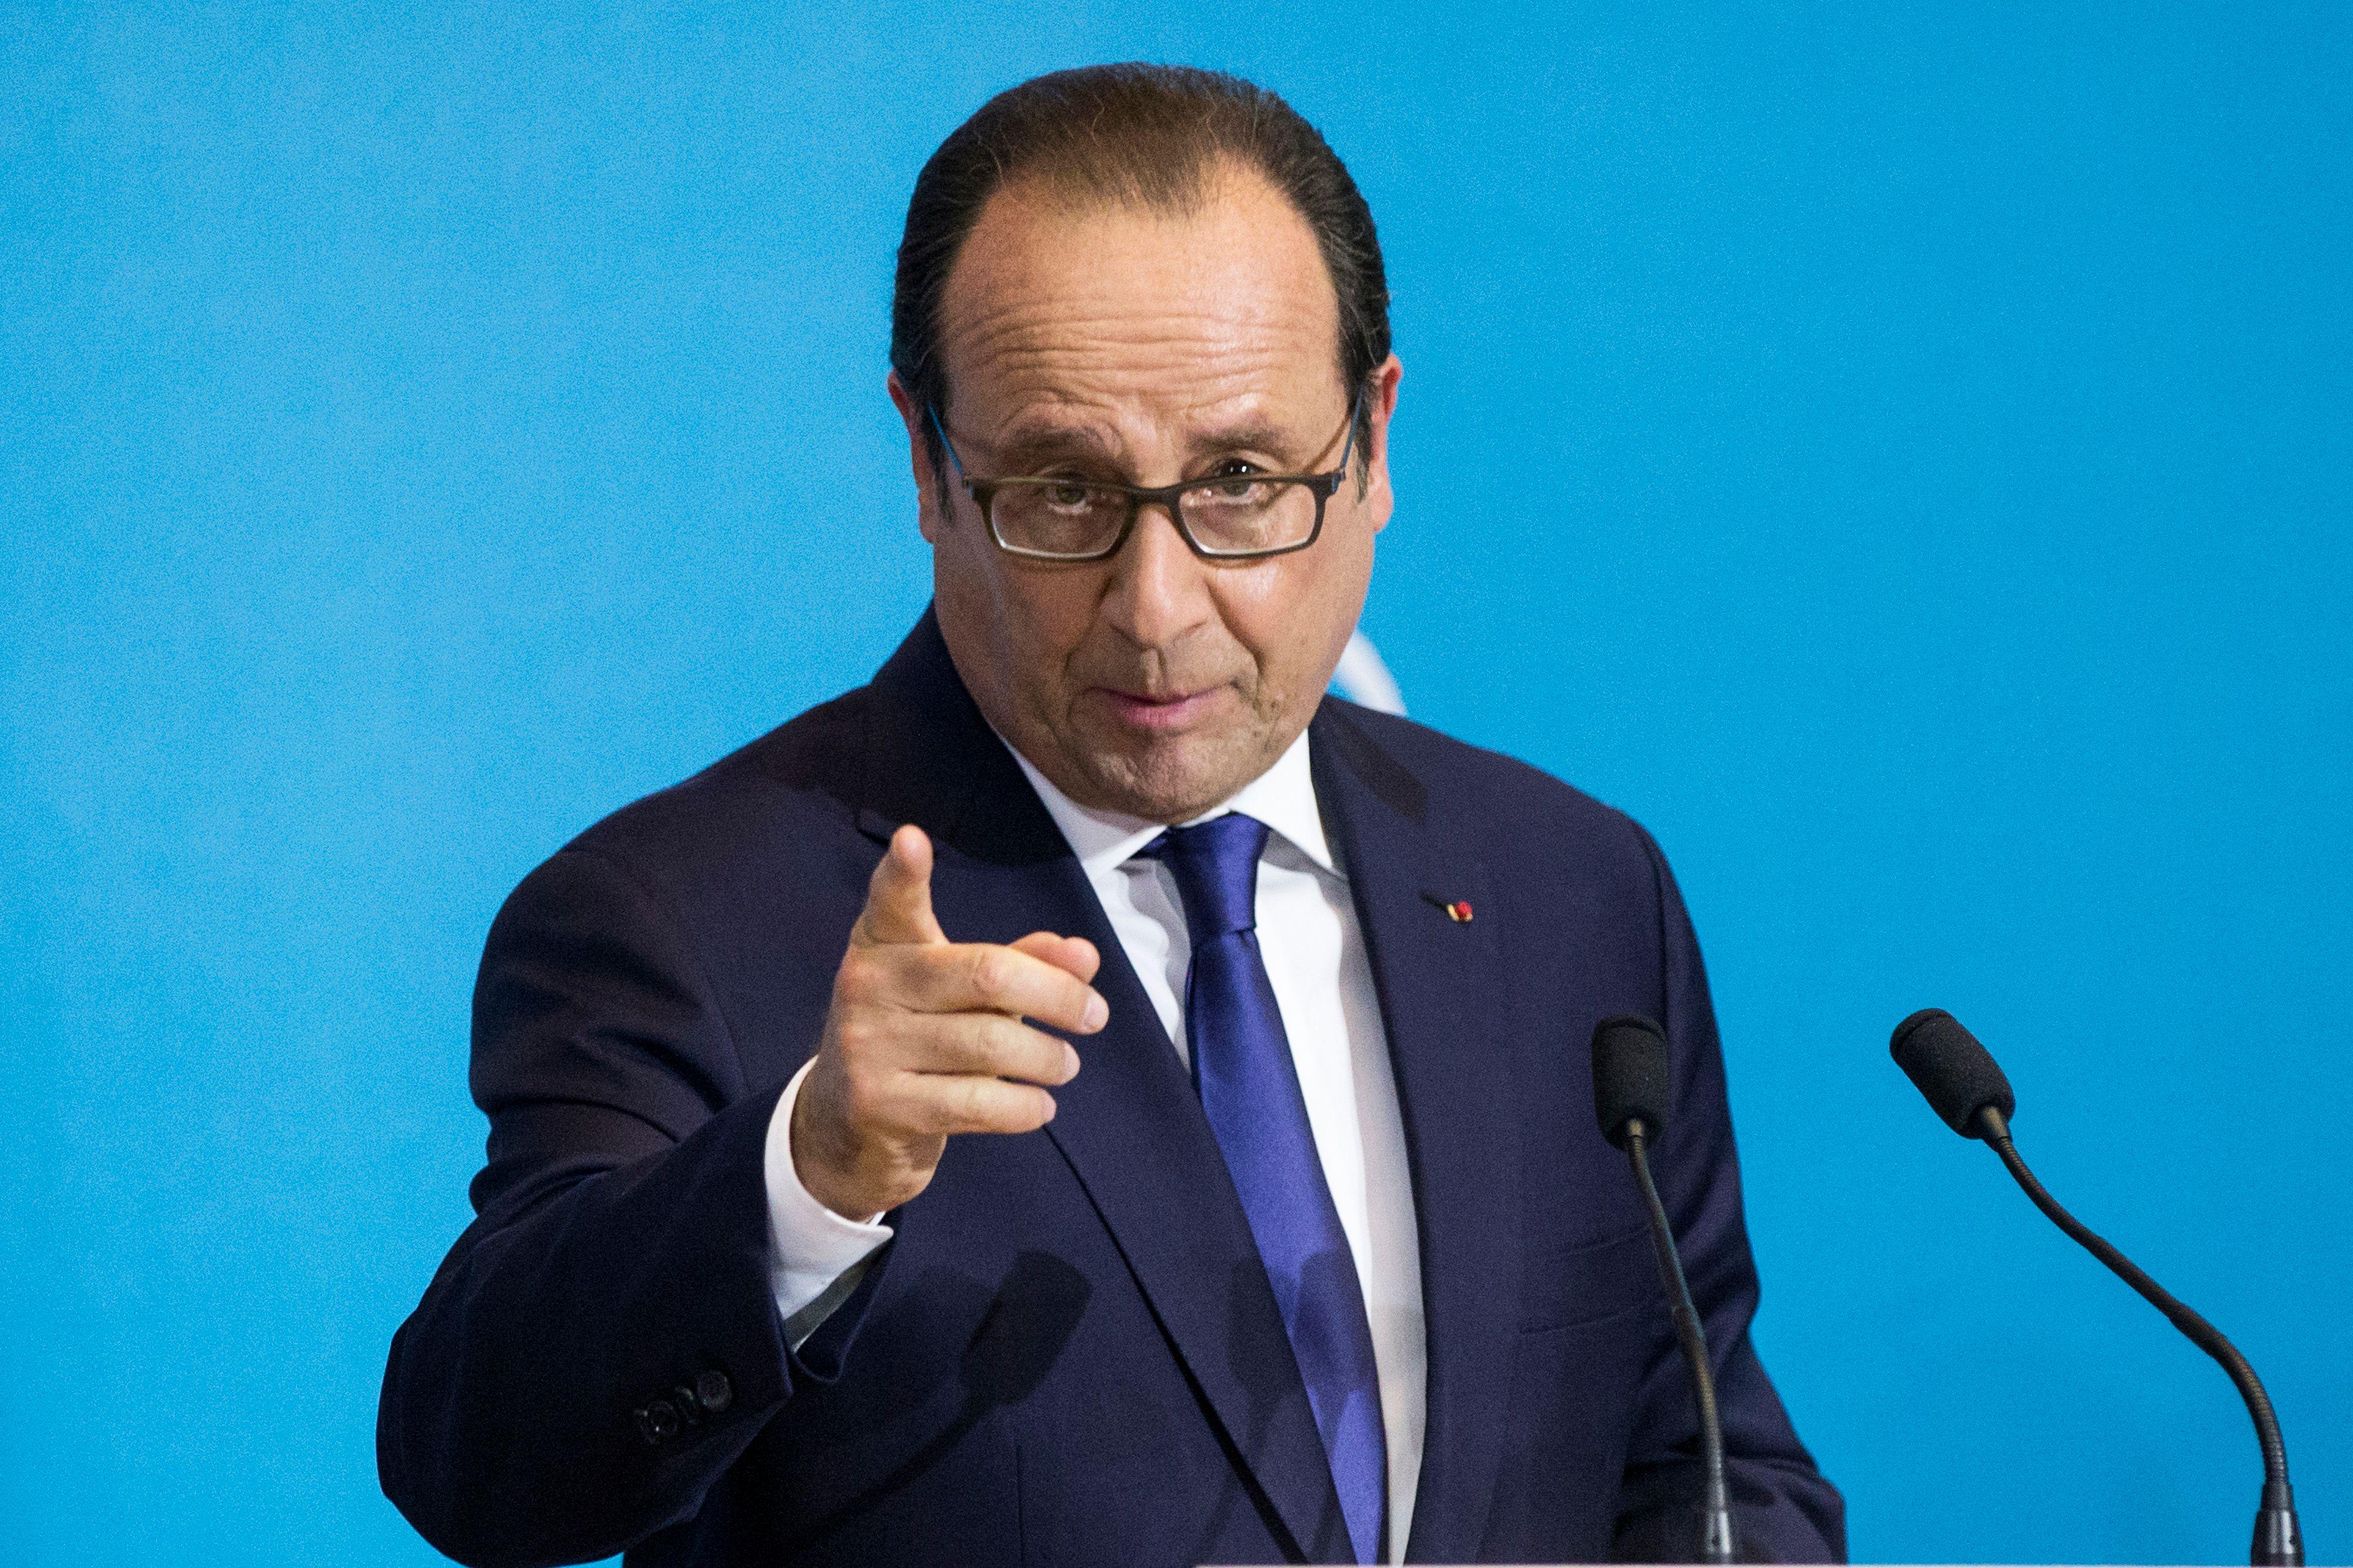 Le fossé entre droite et gauche se creuse sur la question du poids de l'Etat en France.